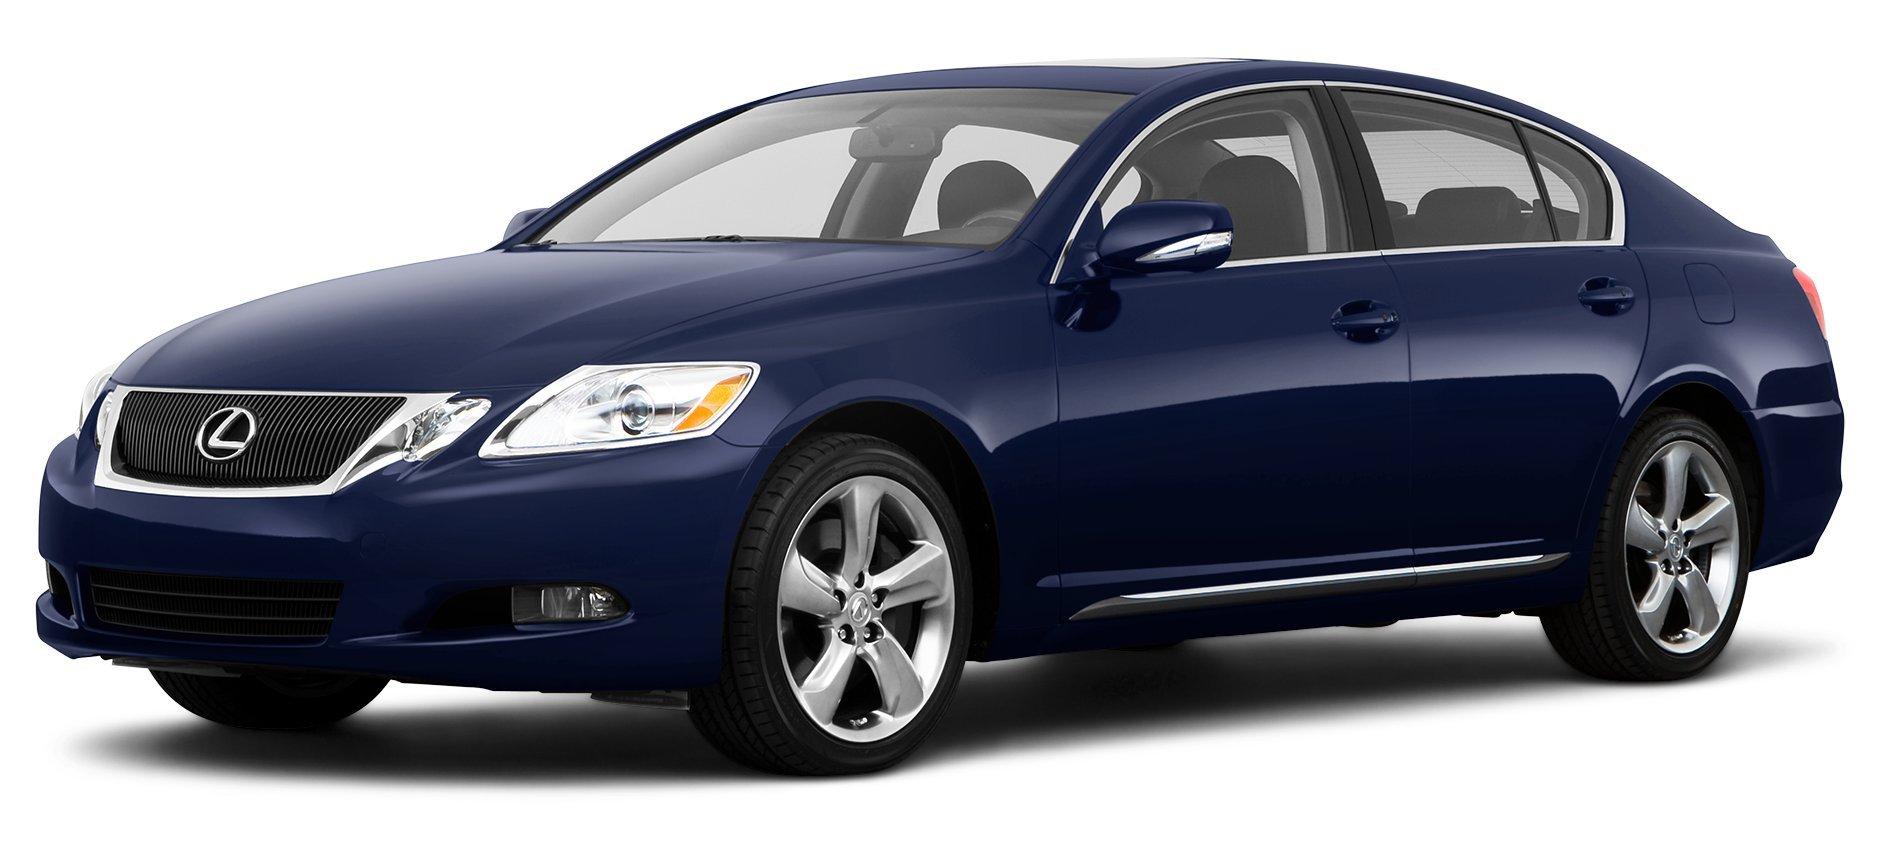 2010 Lexus GS350, 4 Door Sedan All Wheel Drive ...